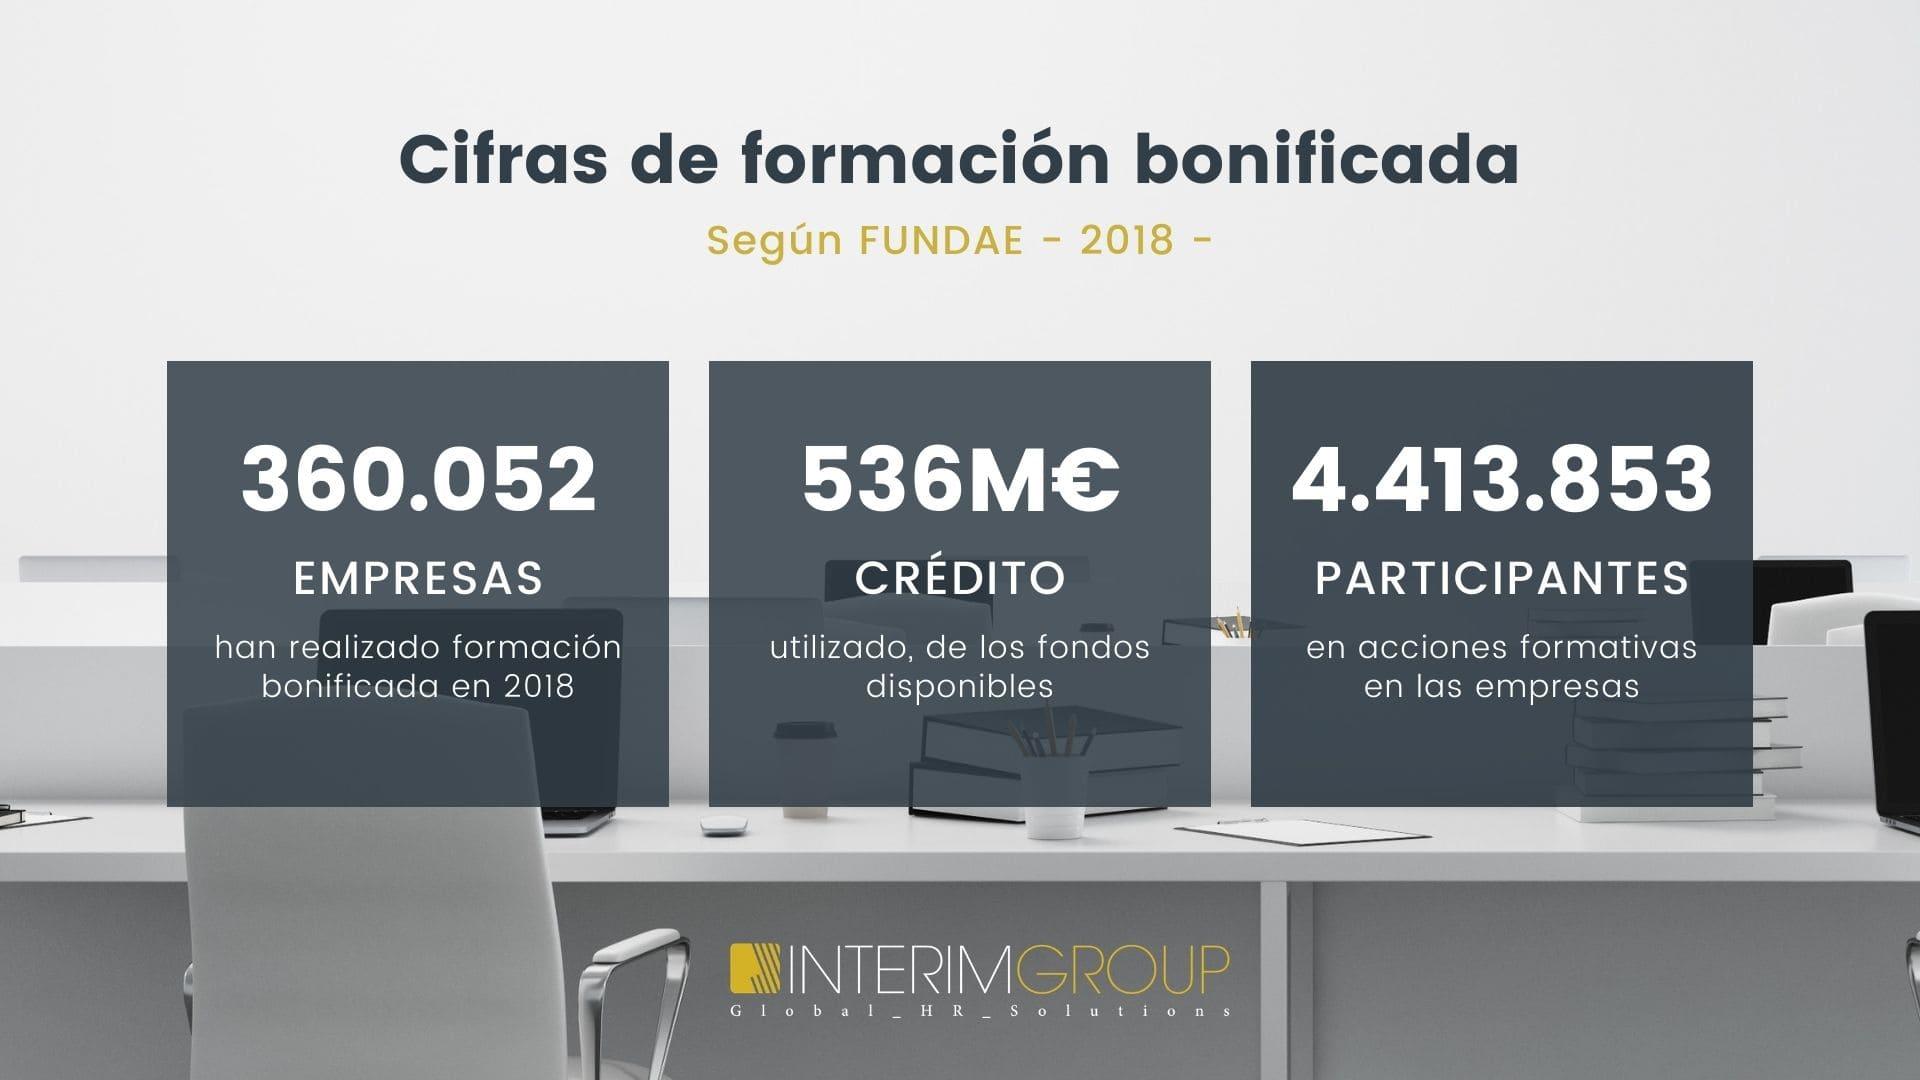 Formación-Bonificada_Cifras-FUNDAE_INTERIM-GROUP